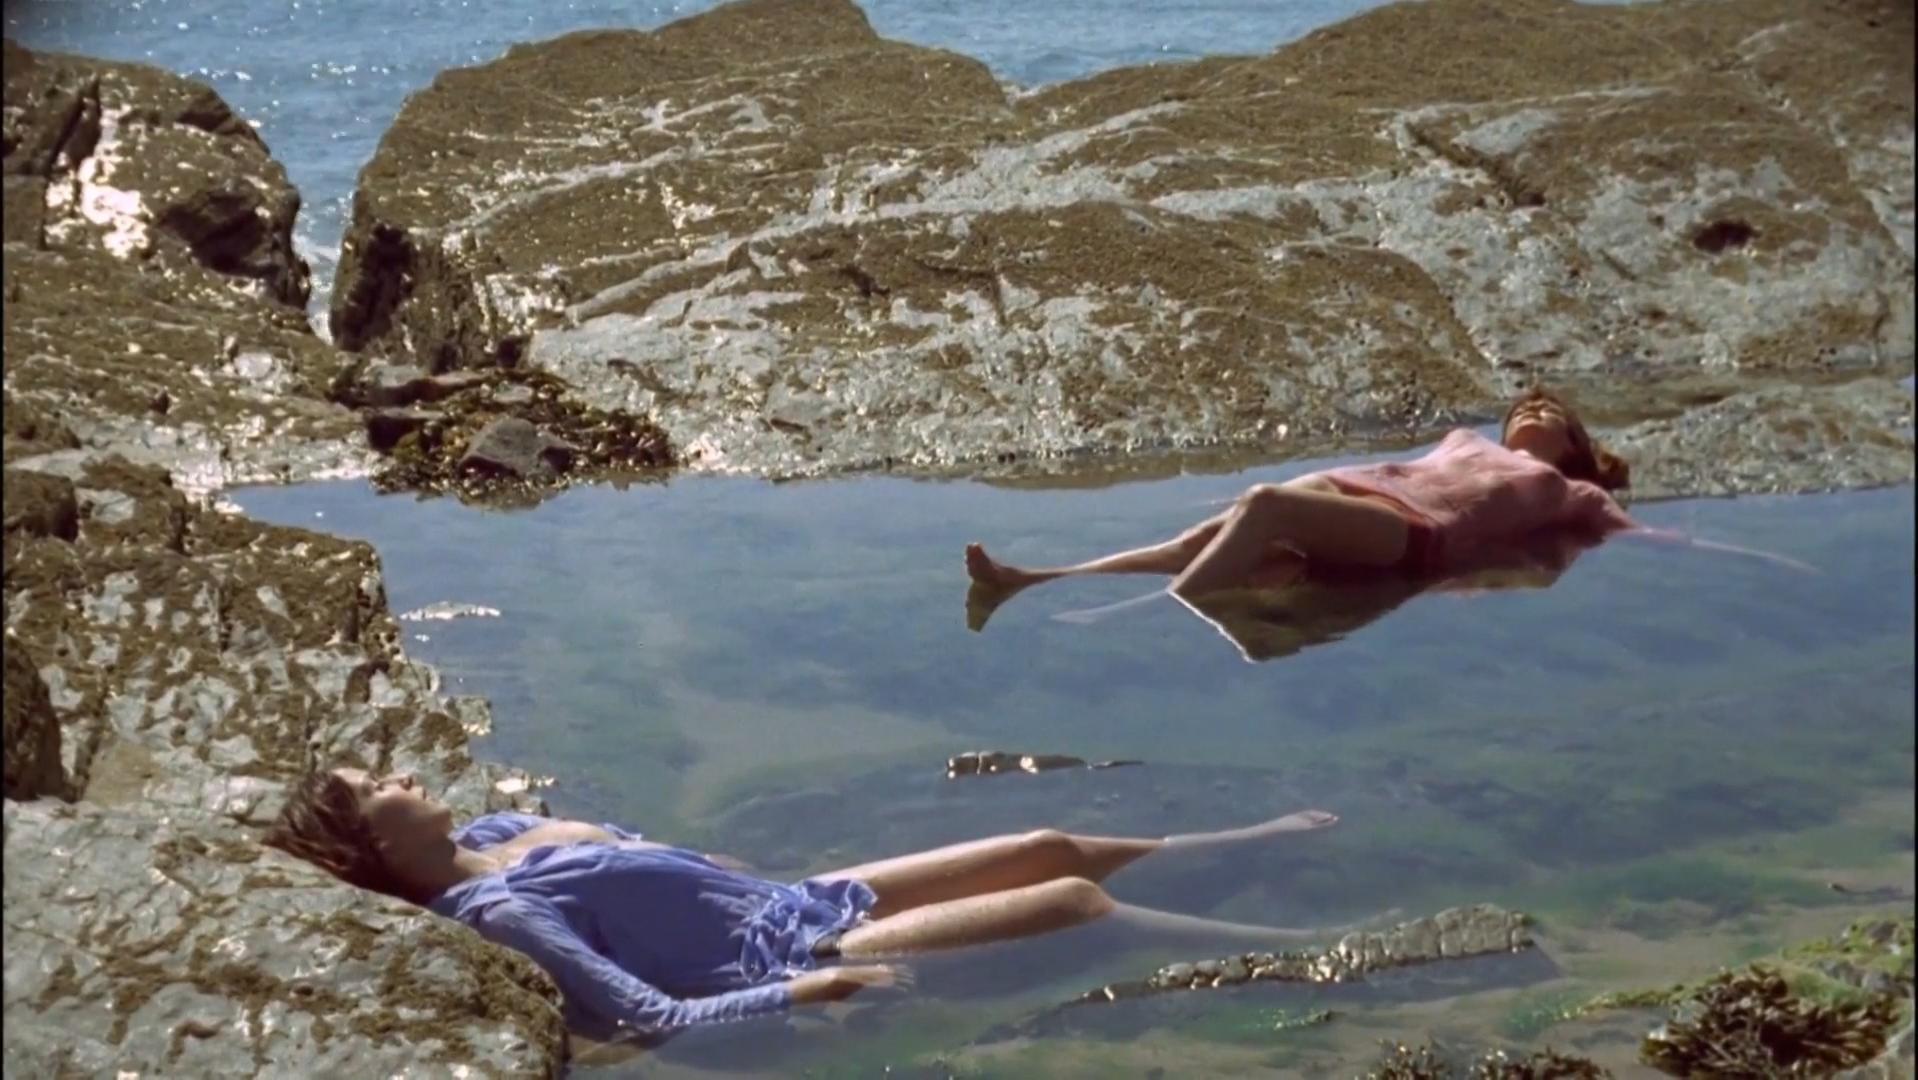 Anicee Alvina nude, Olga Georges-Picot nude - Glissements progressifs du plaisir (1973)